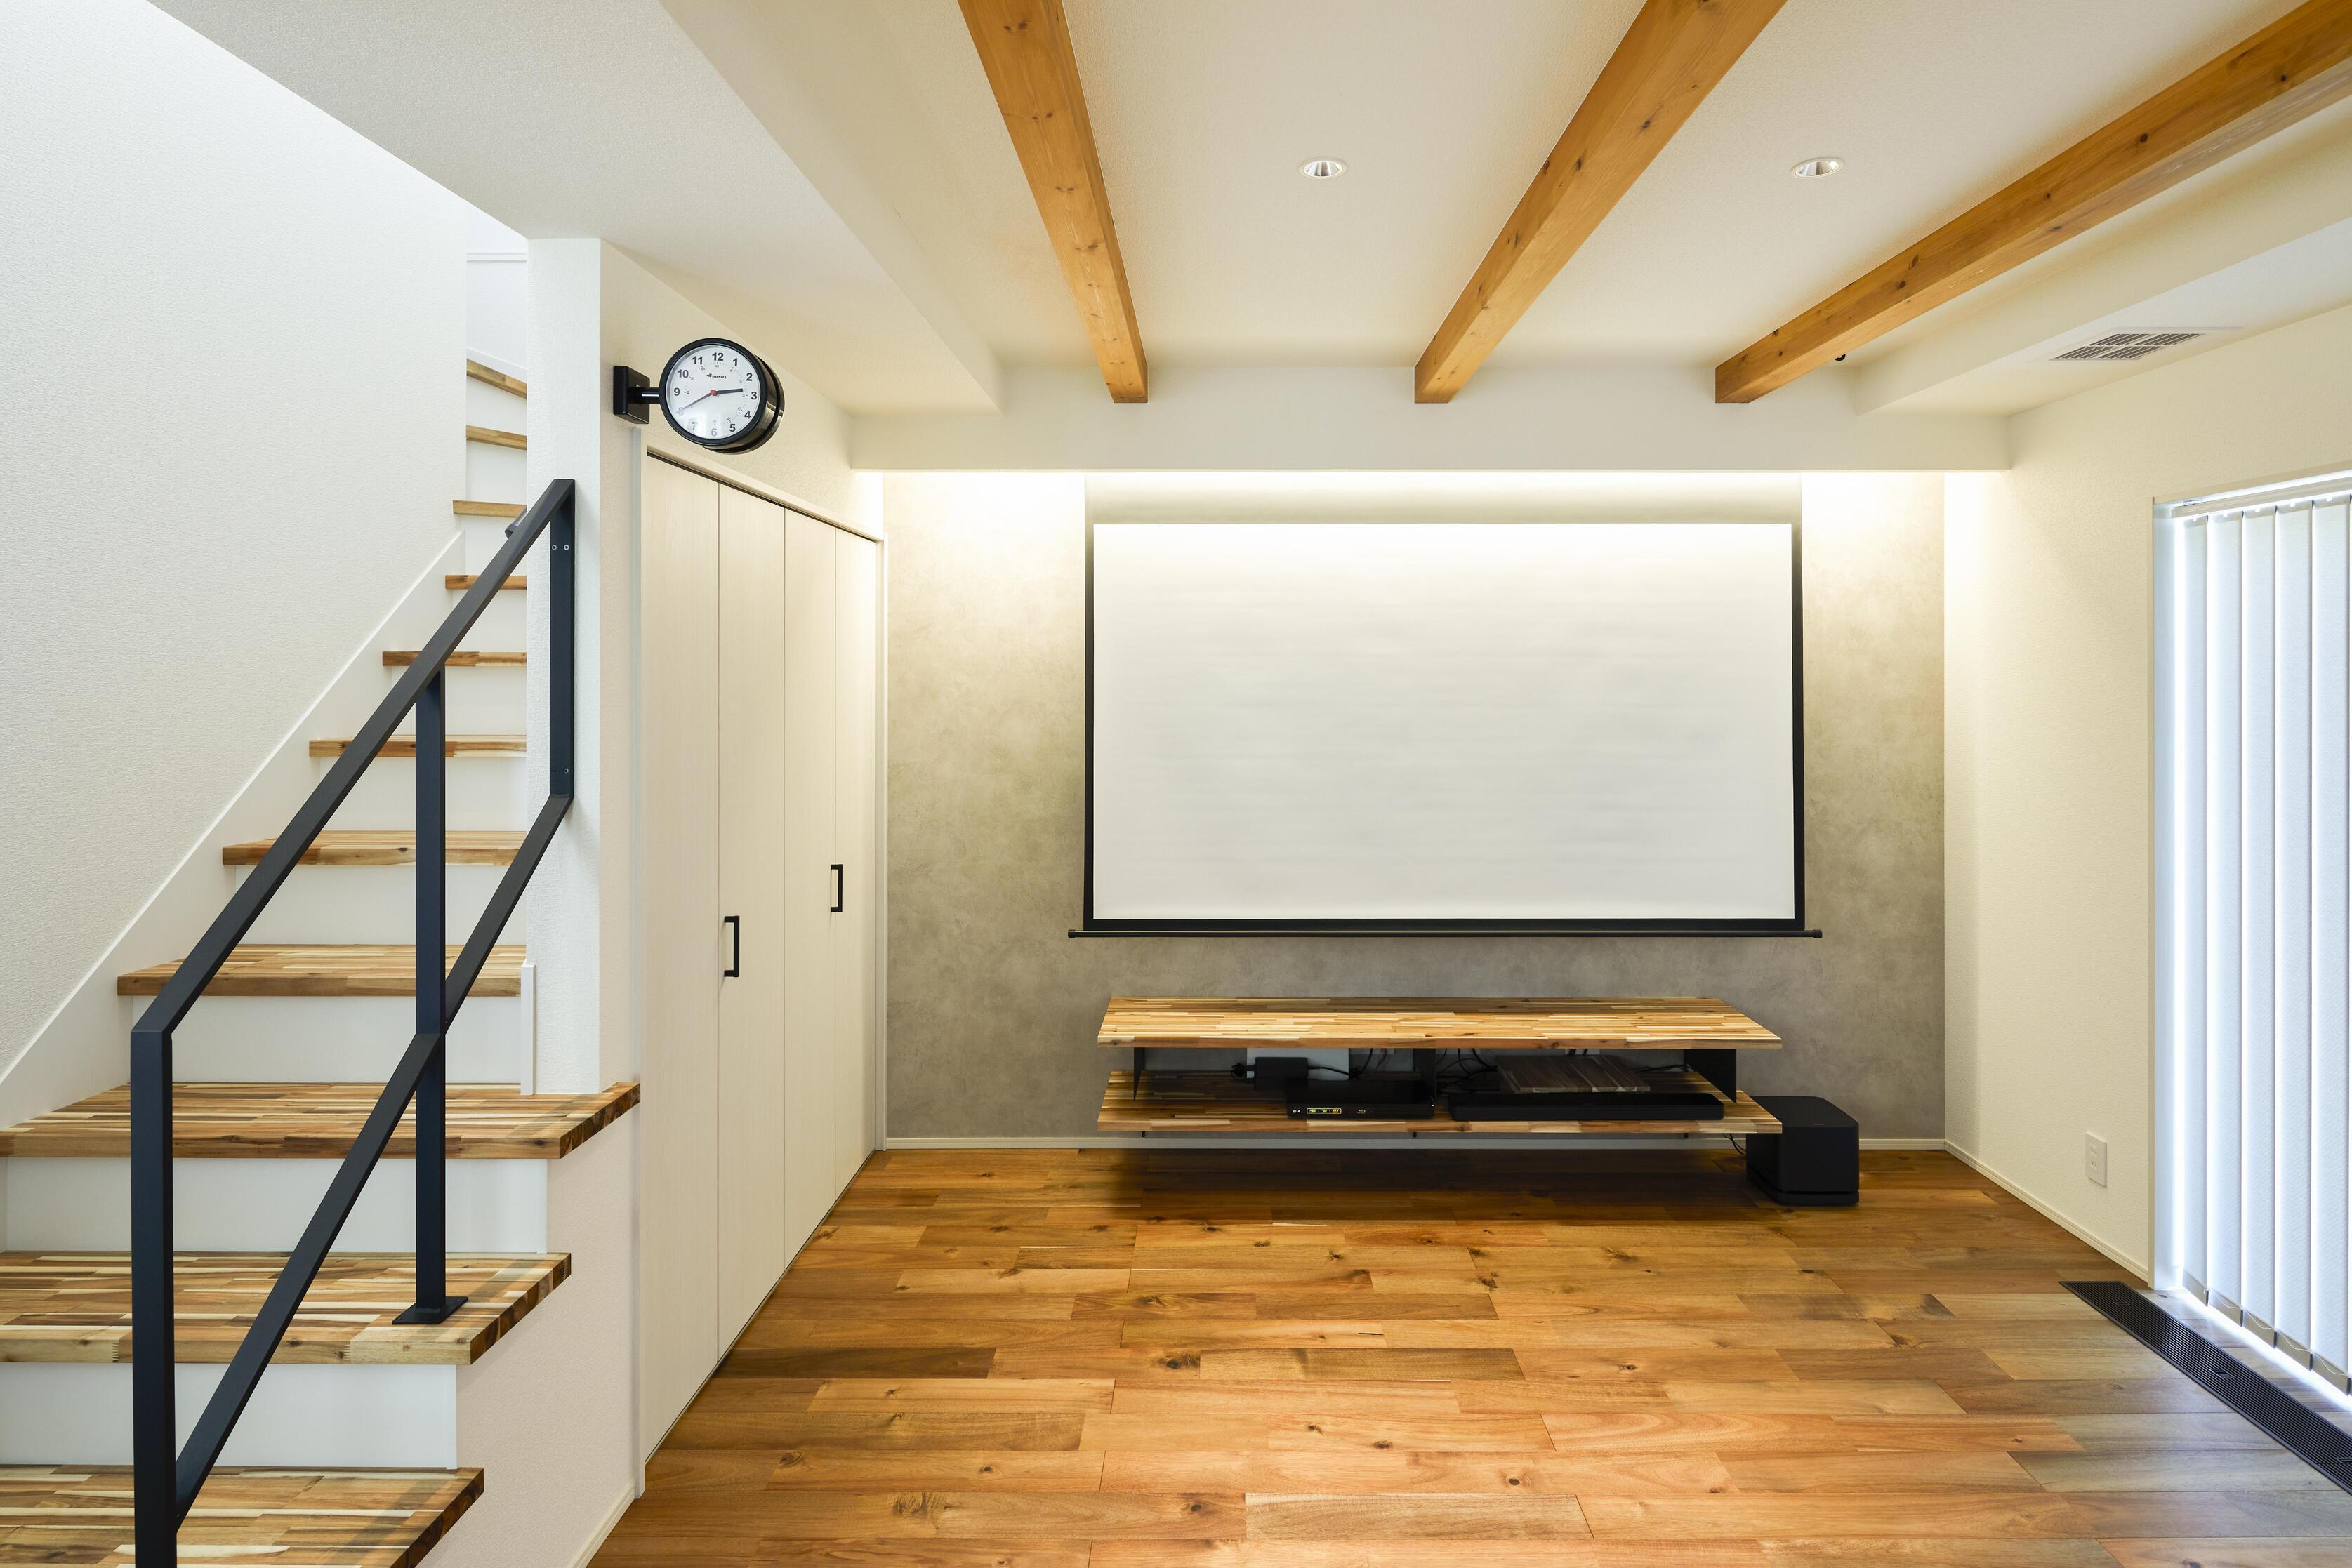 TV面上部には間接照明とスクリーンが埋め込まれている。調光できるのでシーンに合わせ贅沢な映画鑑賞ができる